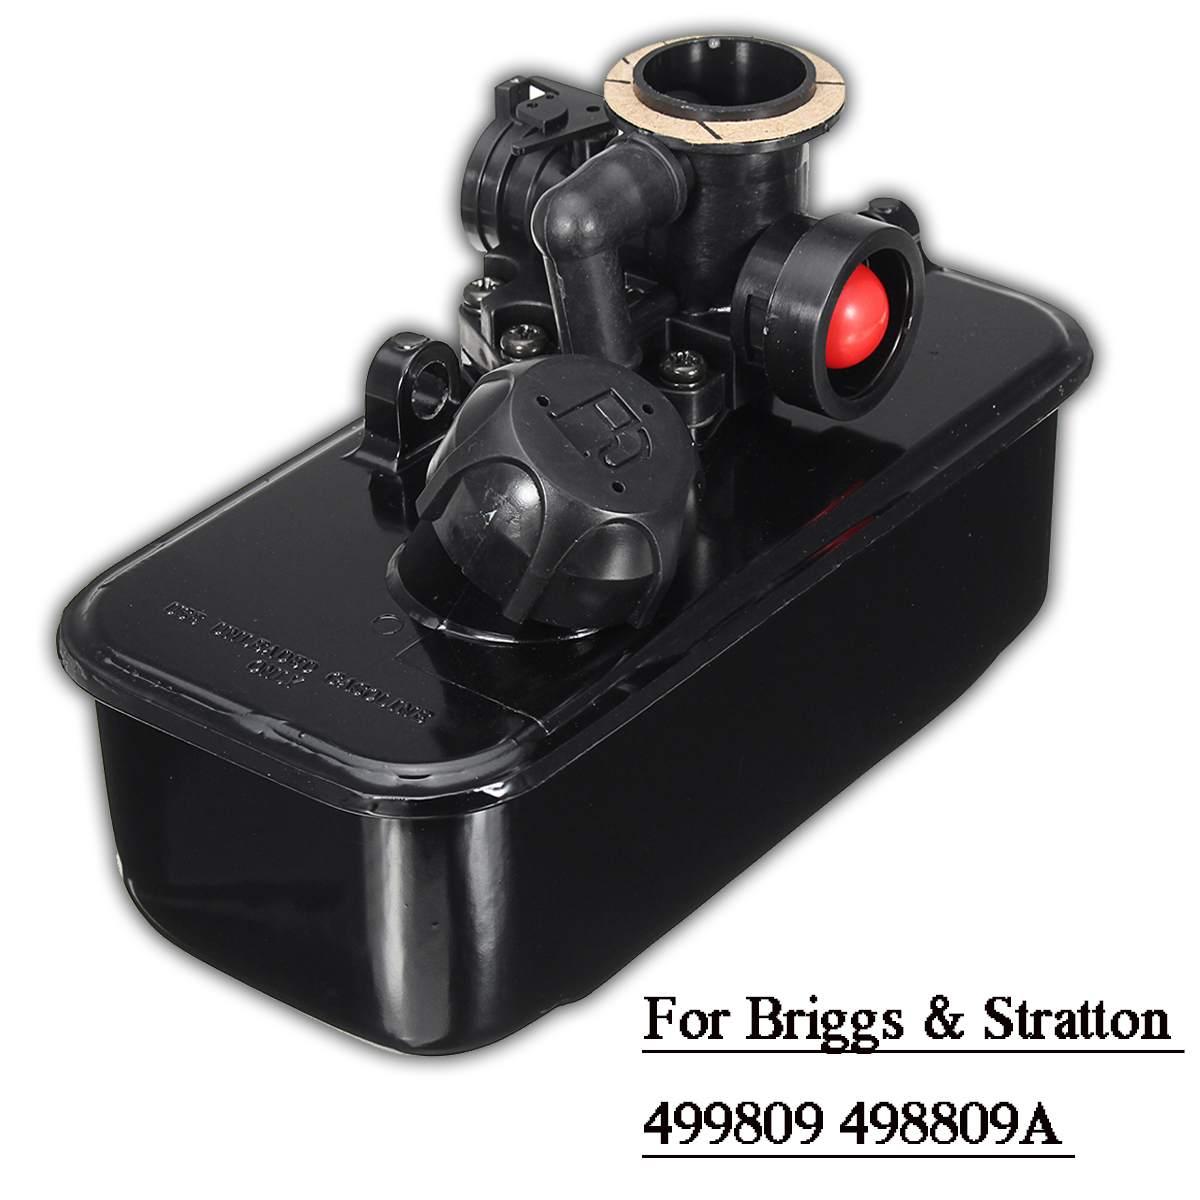 Карбюратор для газонокосилки Briggs & Stratton 499809 498809A 494406 104987 96900 98900 9B900 9H999